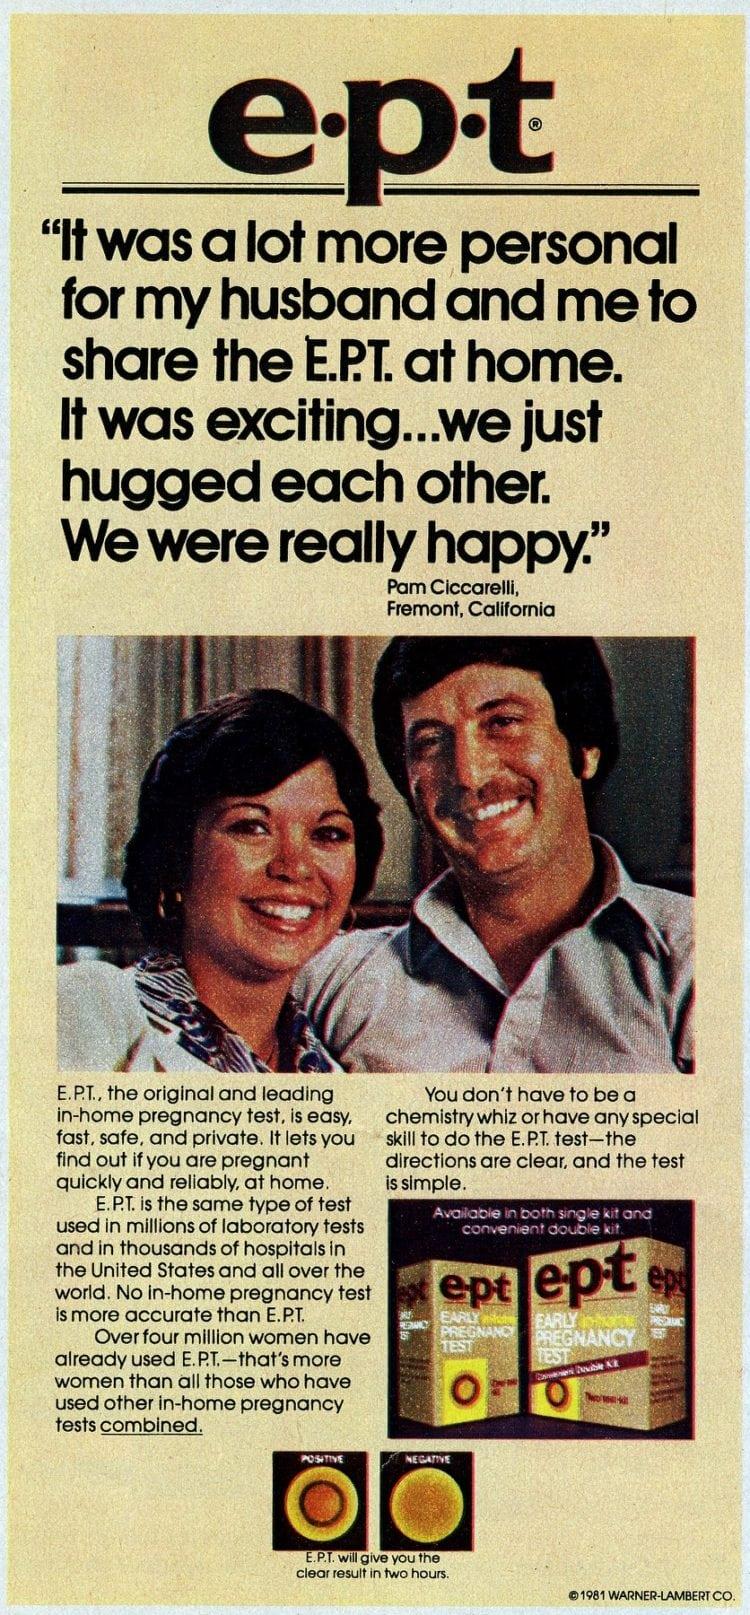 EPT test tube home pregnancy test kit from 1982